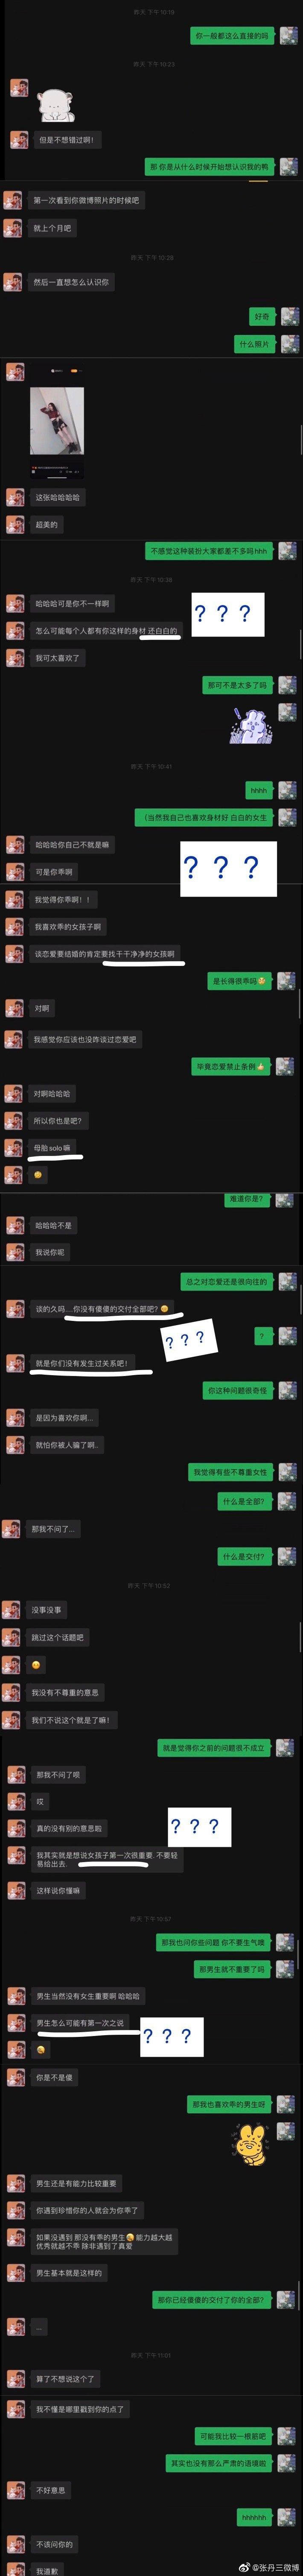 又+2实锤!女星控被吴亦凡摸胸 晒微信聊天记录